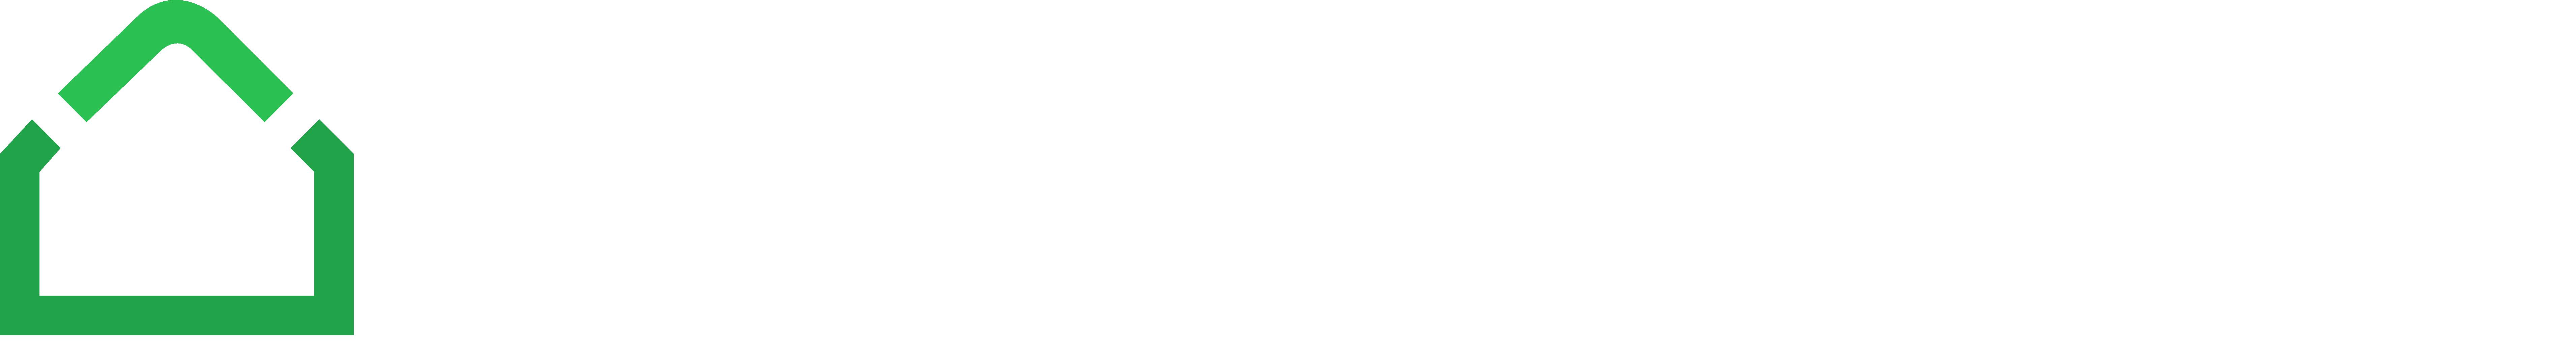 Clean Neighborhoods Challenge